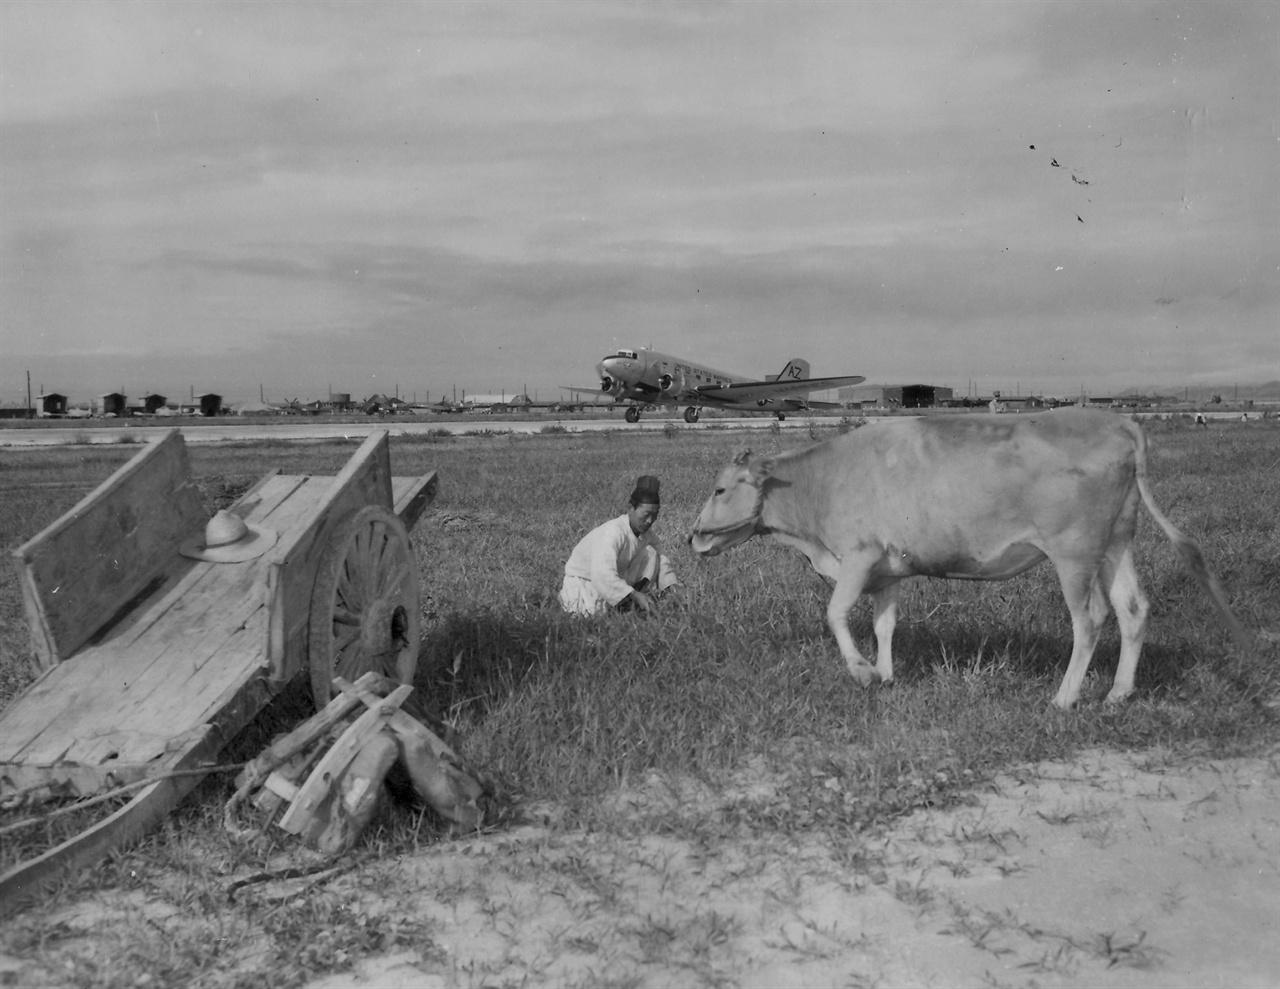 미 공군 비행장 부근에서 풀을 베는 농부(1952. 9. 6. ).